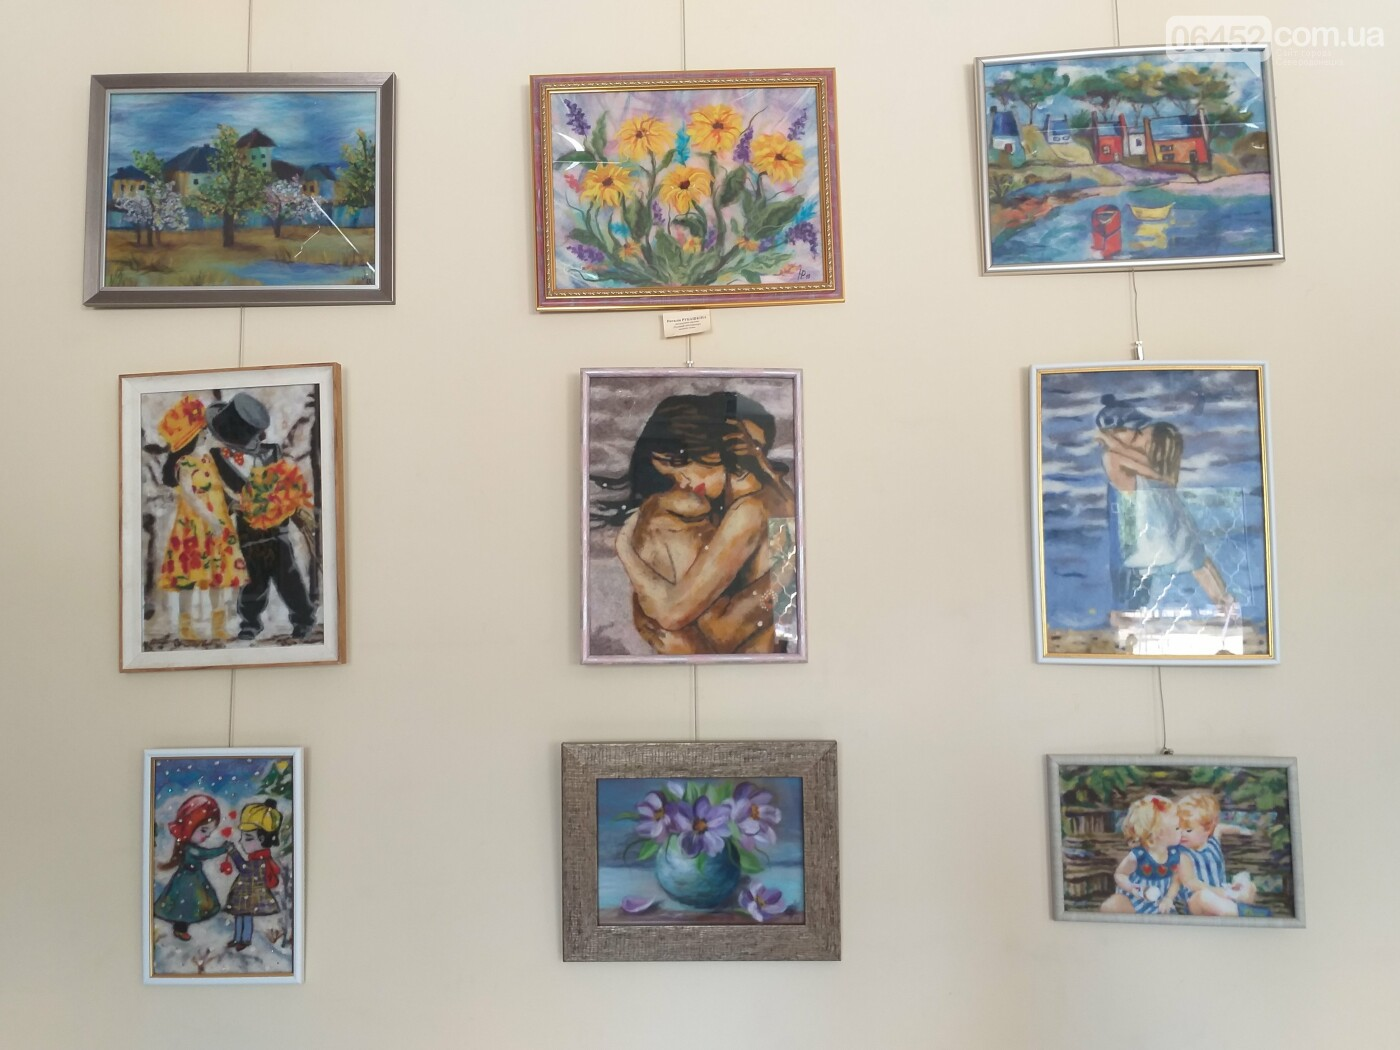 Прикоснись к прекрасному: Галерея искусств в Северодонецке презентует новые выставки, фото-4